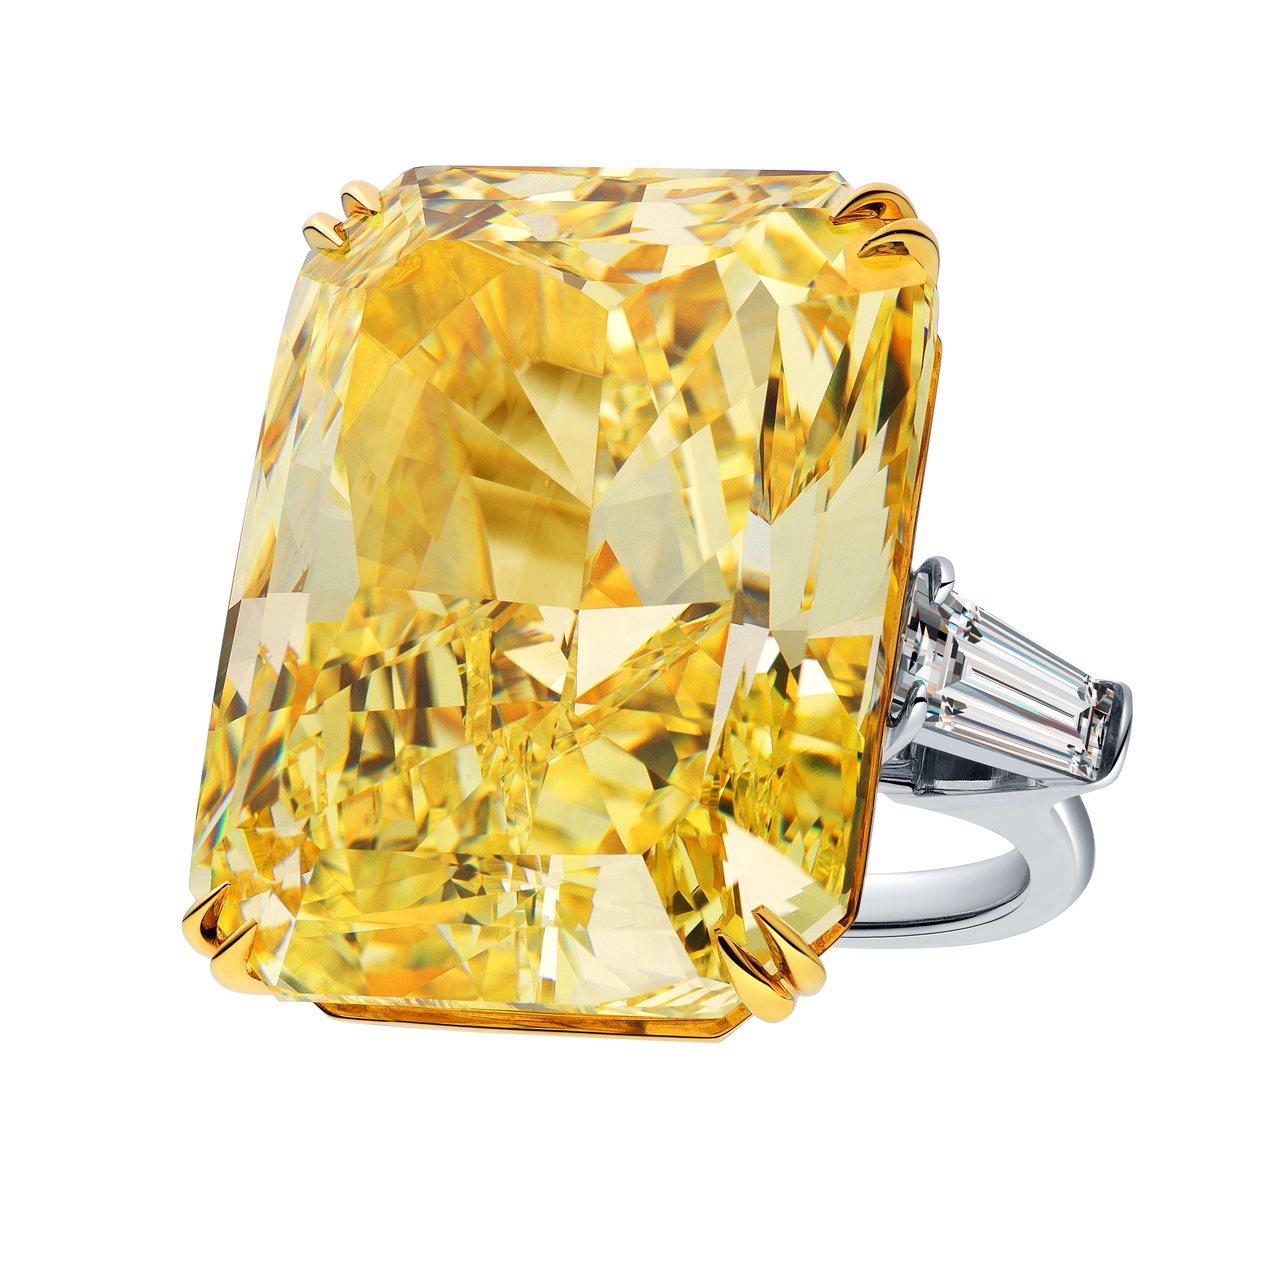 必用!海瑞溫斯頓雷德恩切工單顆黃鑽戒指,總重80.07克拉,全場最大克拉數,售價...